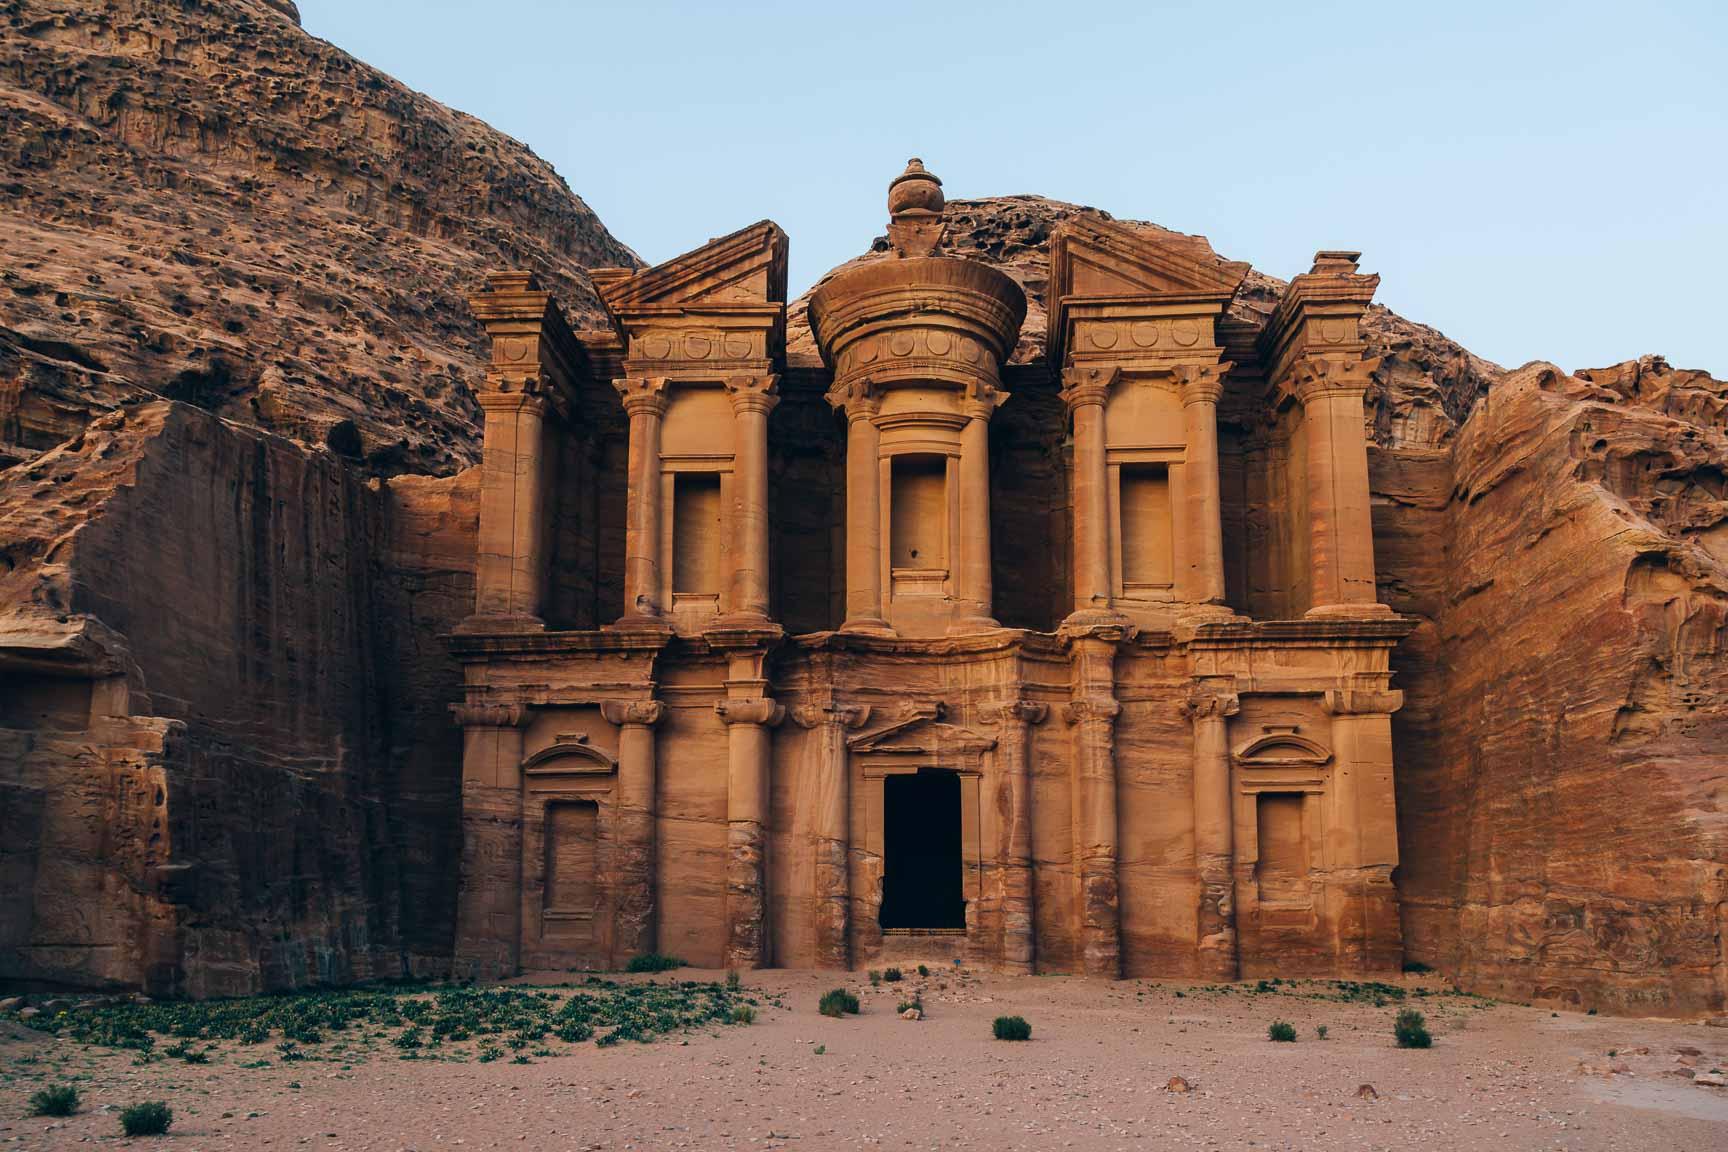 Der Eingang zu einem alten Tempel in Jordanien.